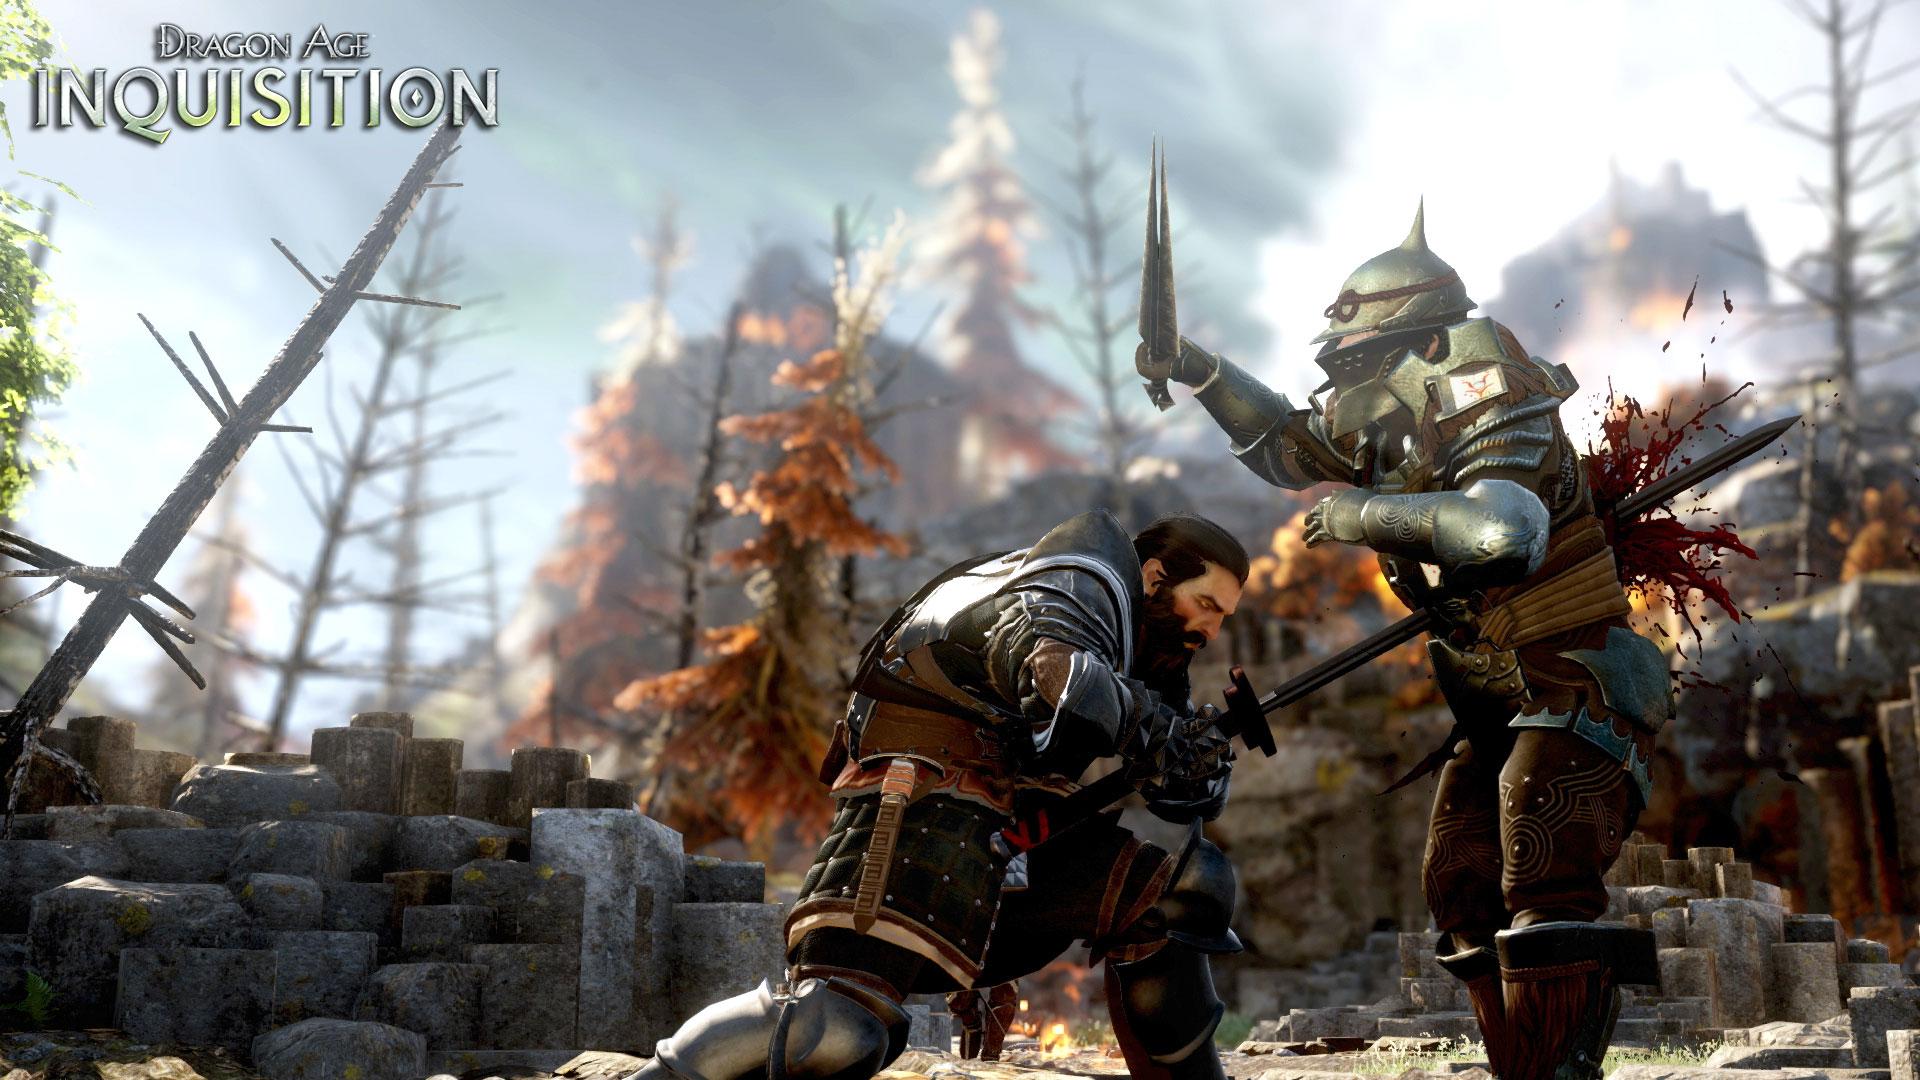 Dragon Age Inquisition llevó el rol de BioWare al E3 2014